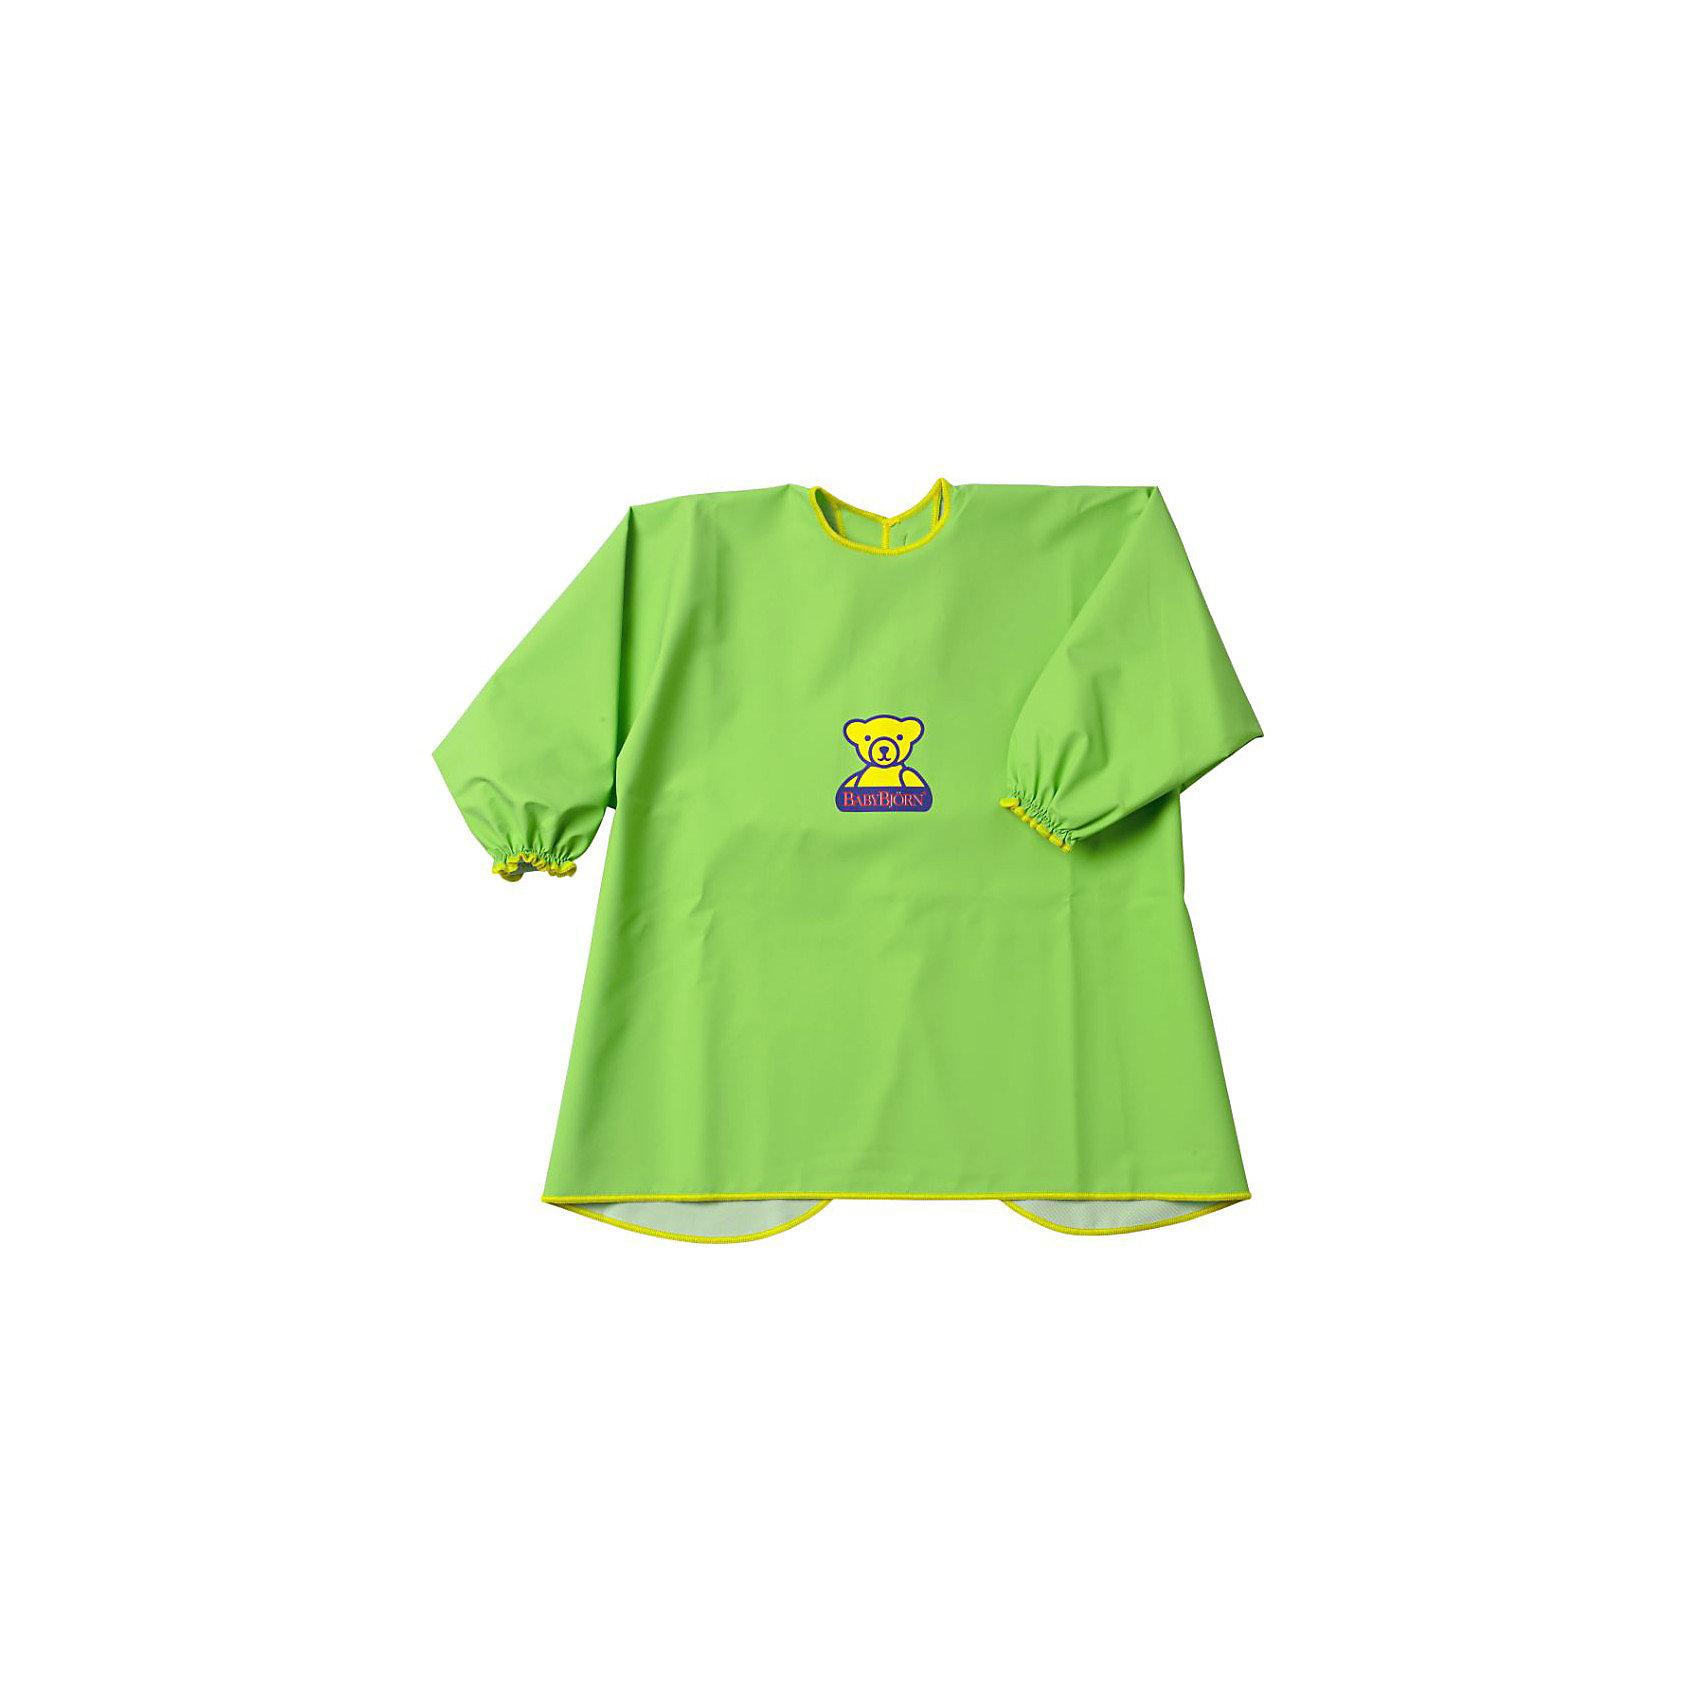 Baby Bjorn, Рубашка для игр и кормления babybjorn, зеленая